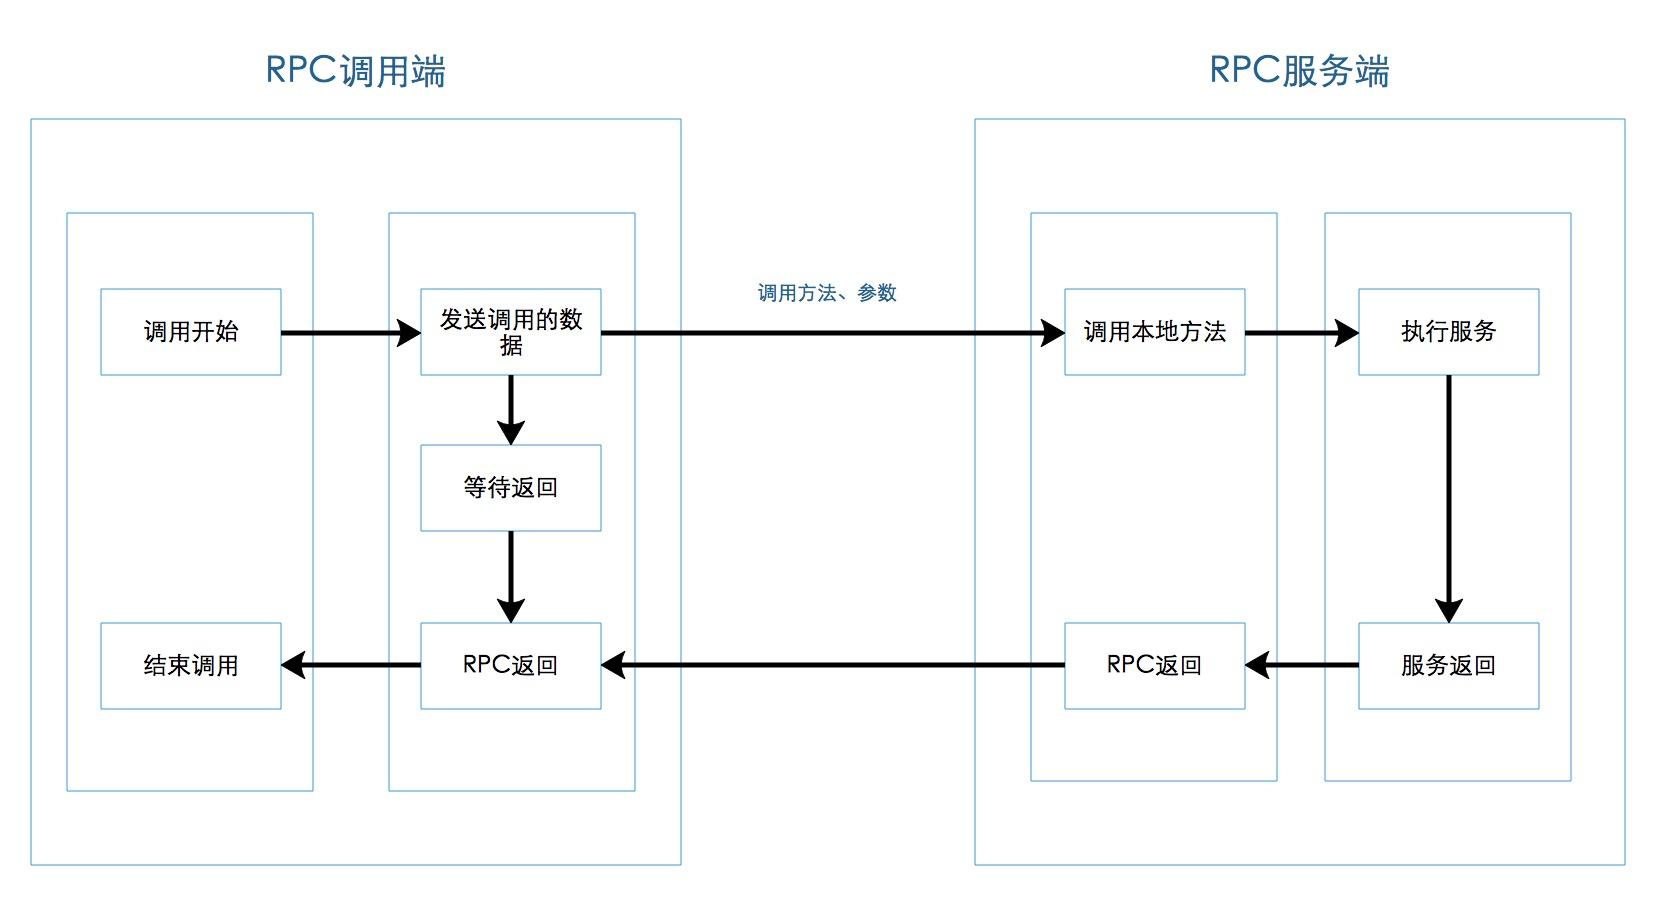 RPC的调用过程